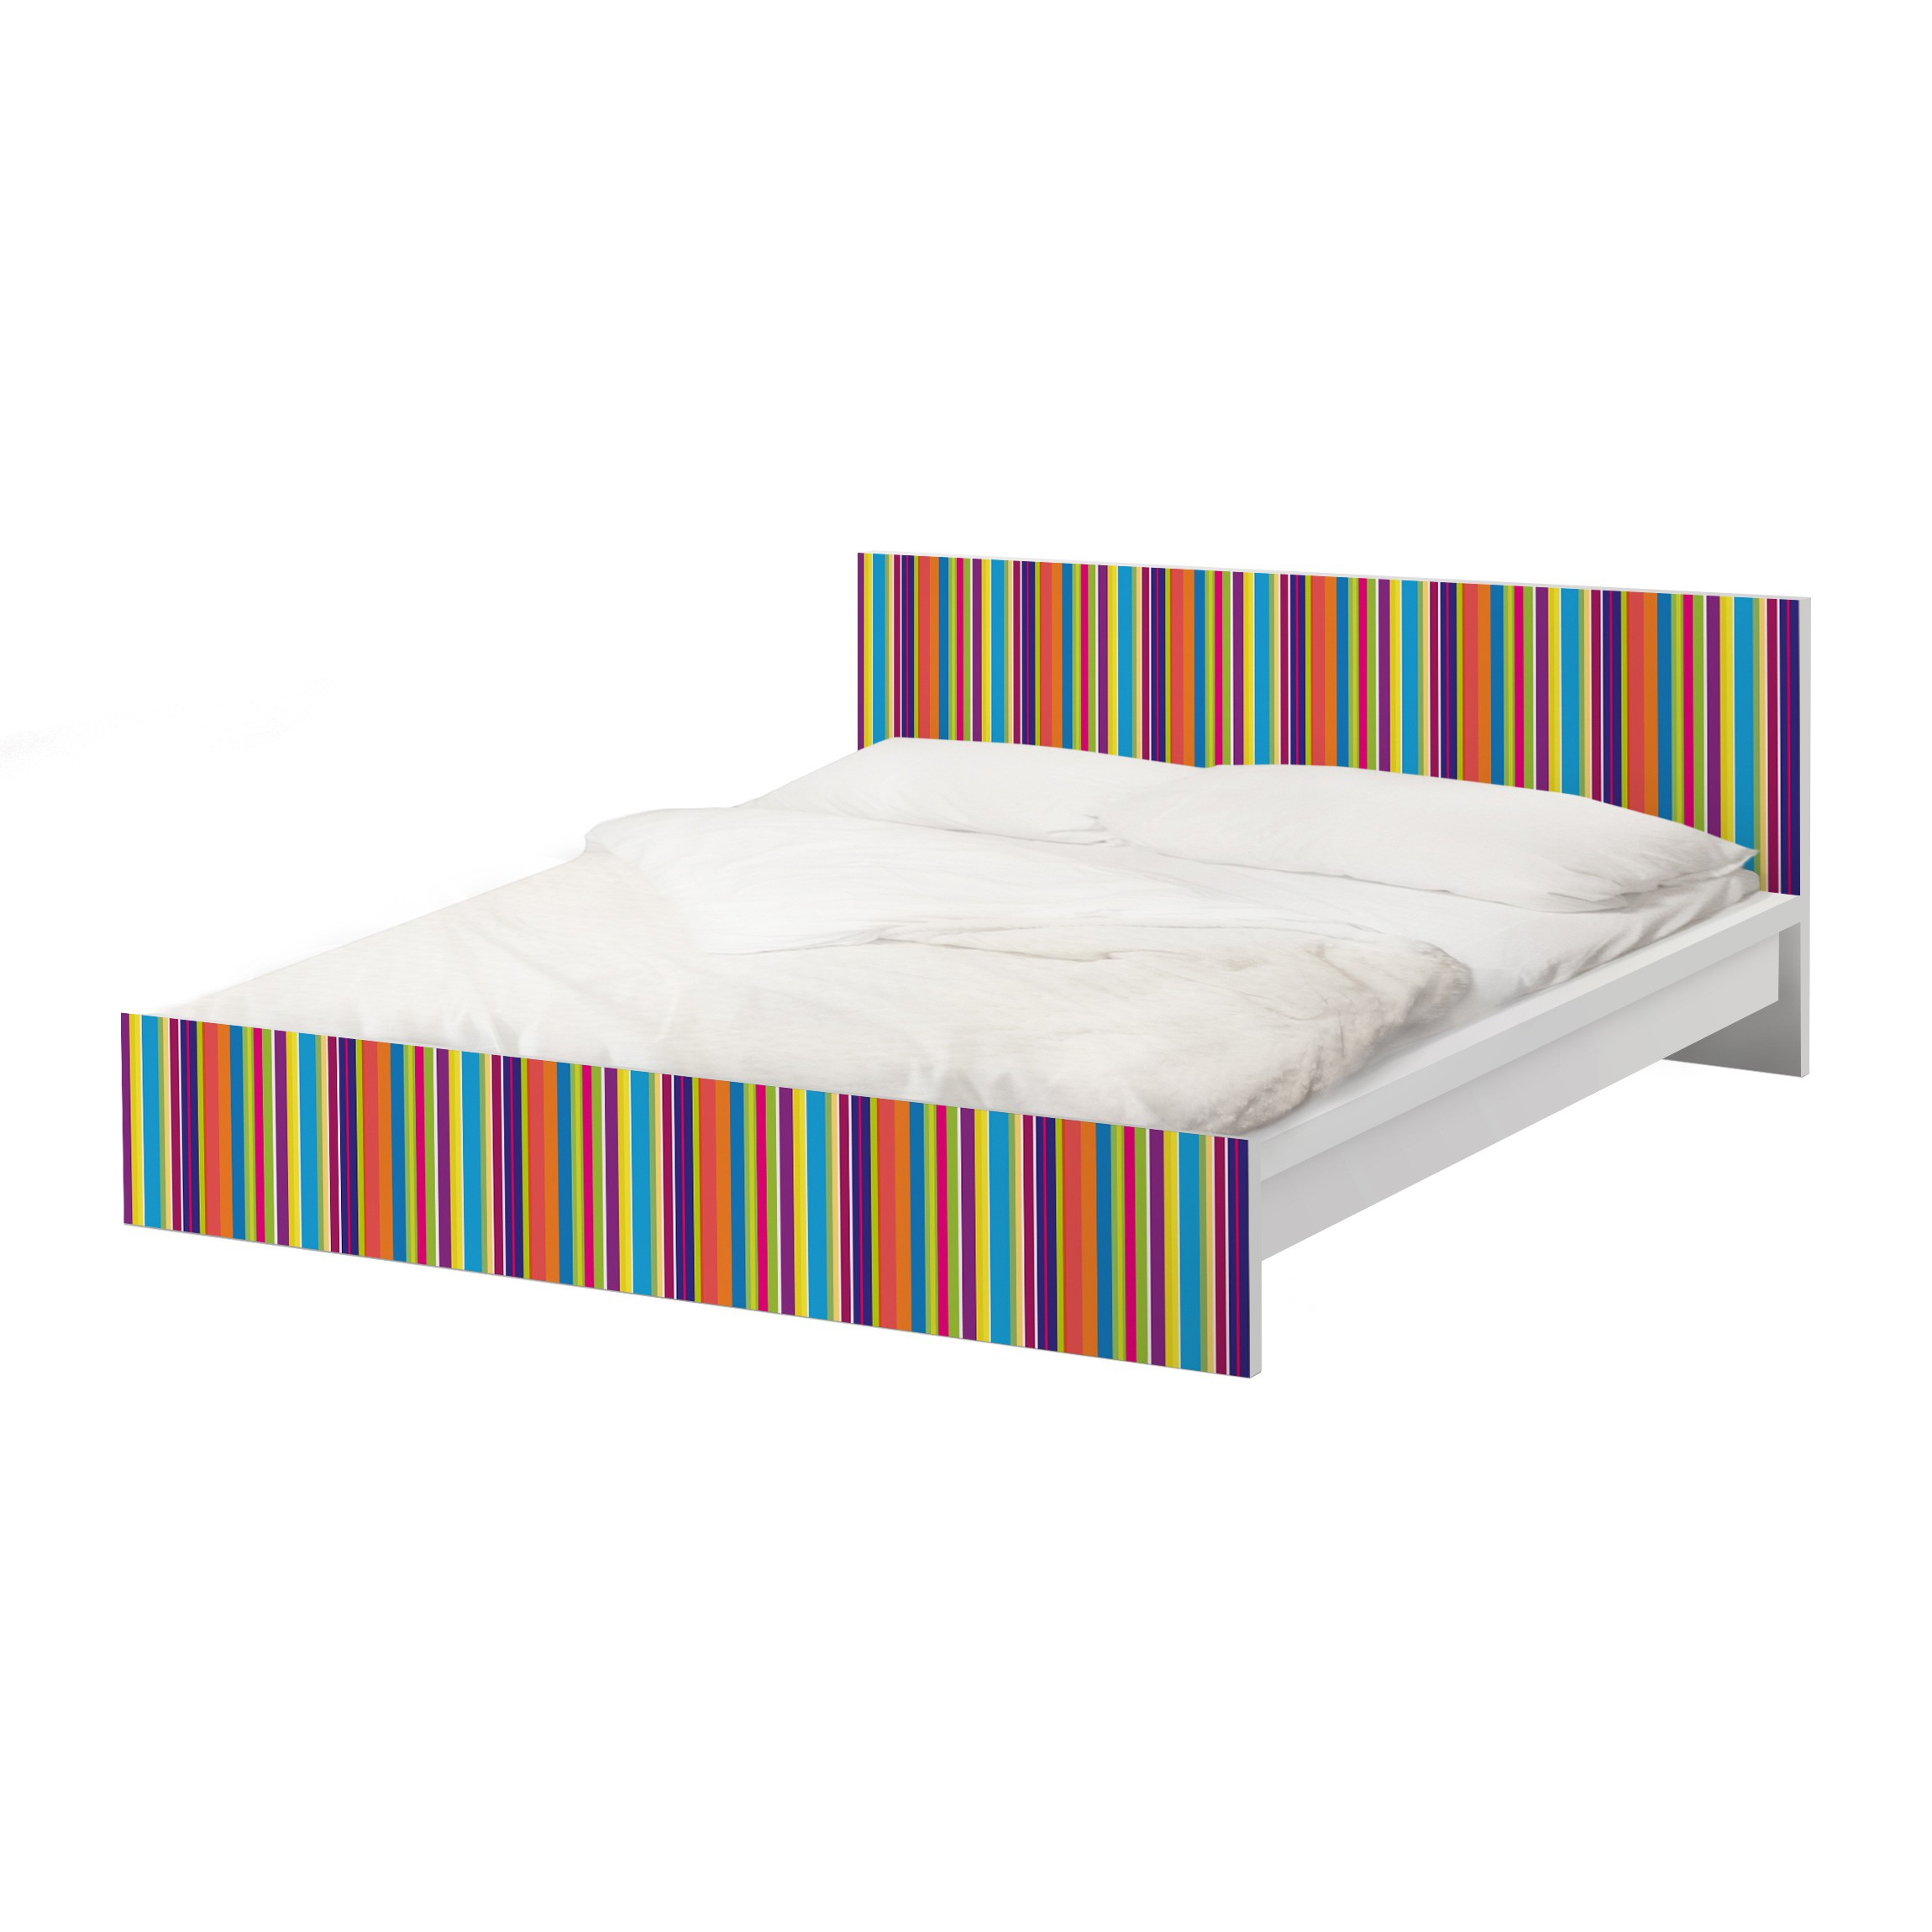 Carta adesiva per mobili ikea malm letto basso 160x200cm happy stripes - Mobili letto ikea ...